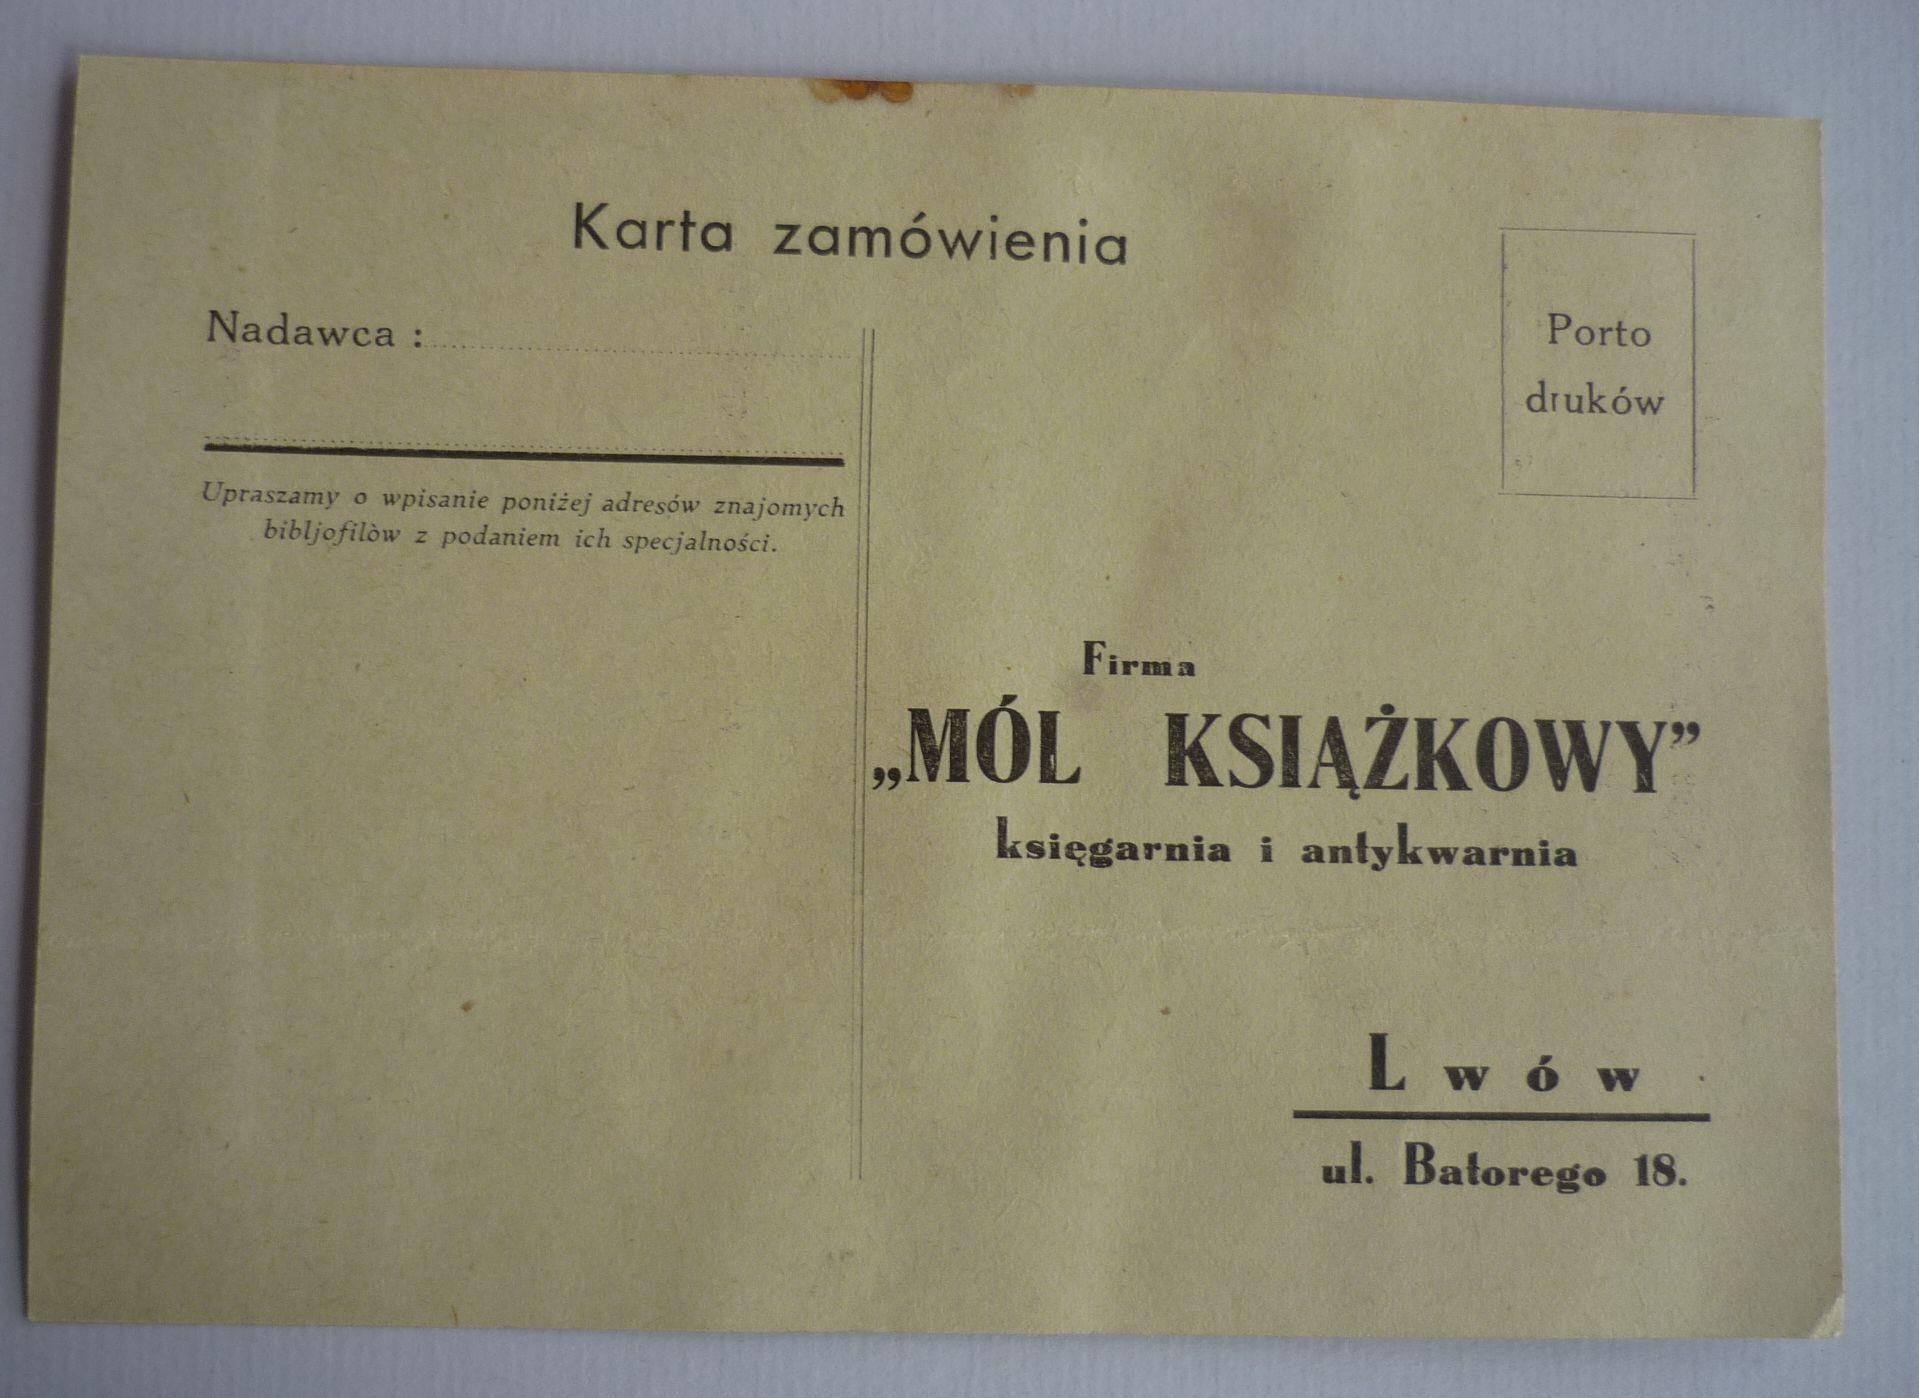 Karta Pocztowa Ksiegarnia Mol Ksiazkowy Lwow 7282691712